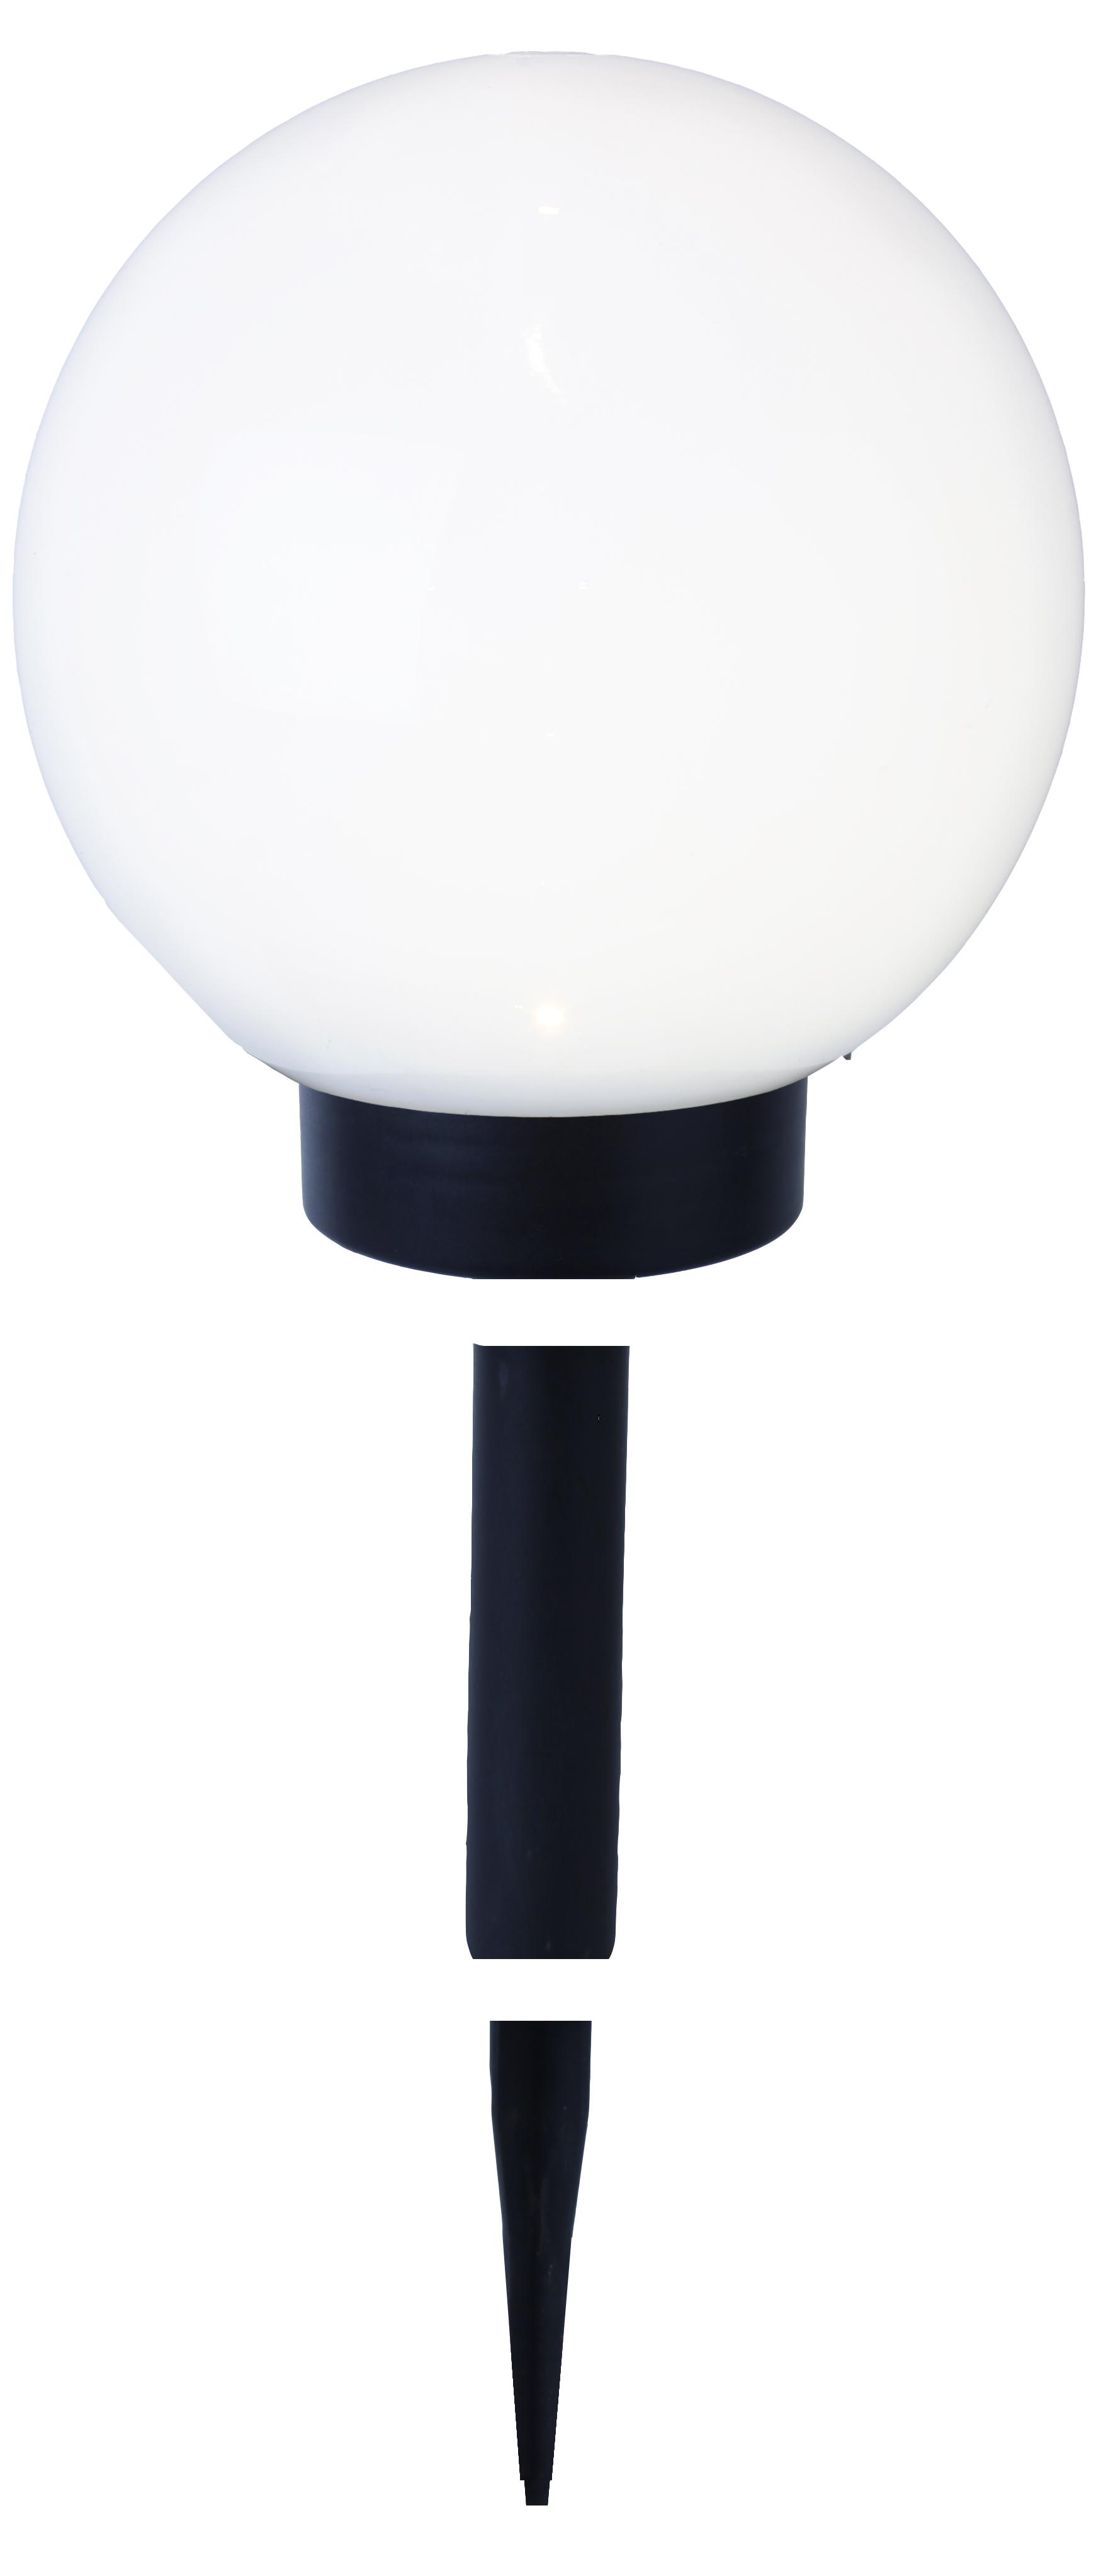 led solar kugel wei ca 20 cm durchmesser 477 77. Black Bedroom Furniture Sets. Home Design Ideas